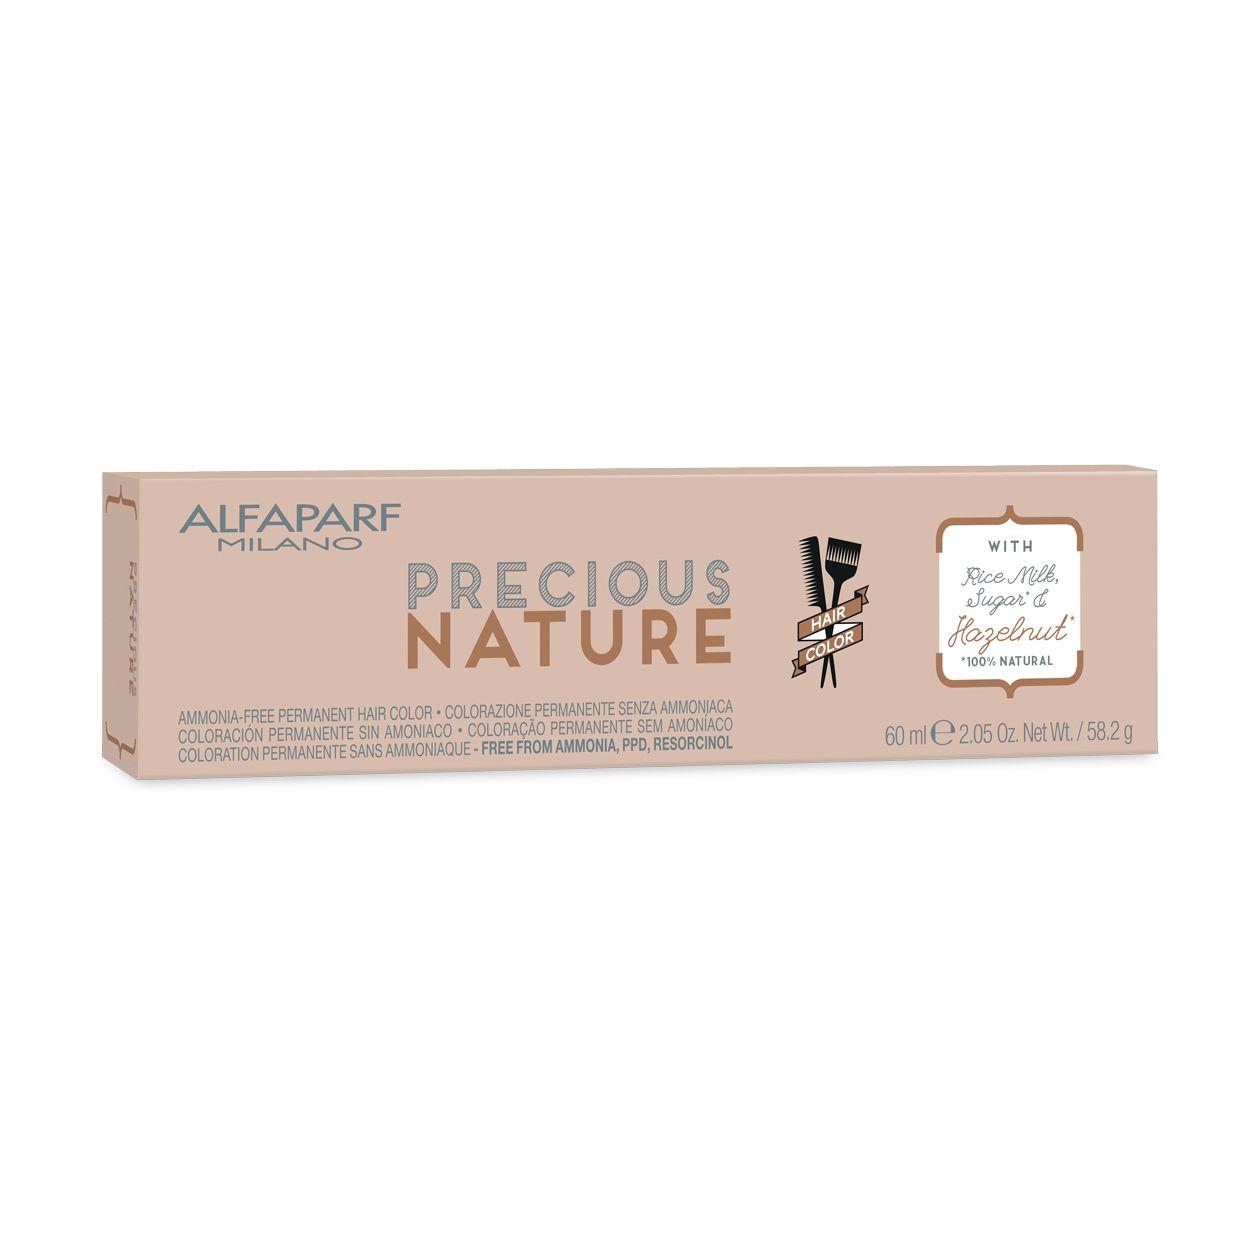 Alfaparf Milano-Precious Nature Hair Color Creme de Coloração 8.21 Louro Claro Irisé Cinza 60ml